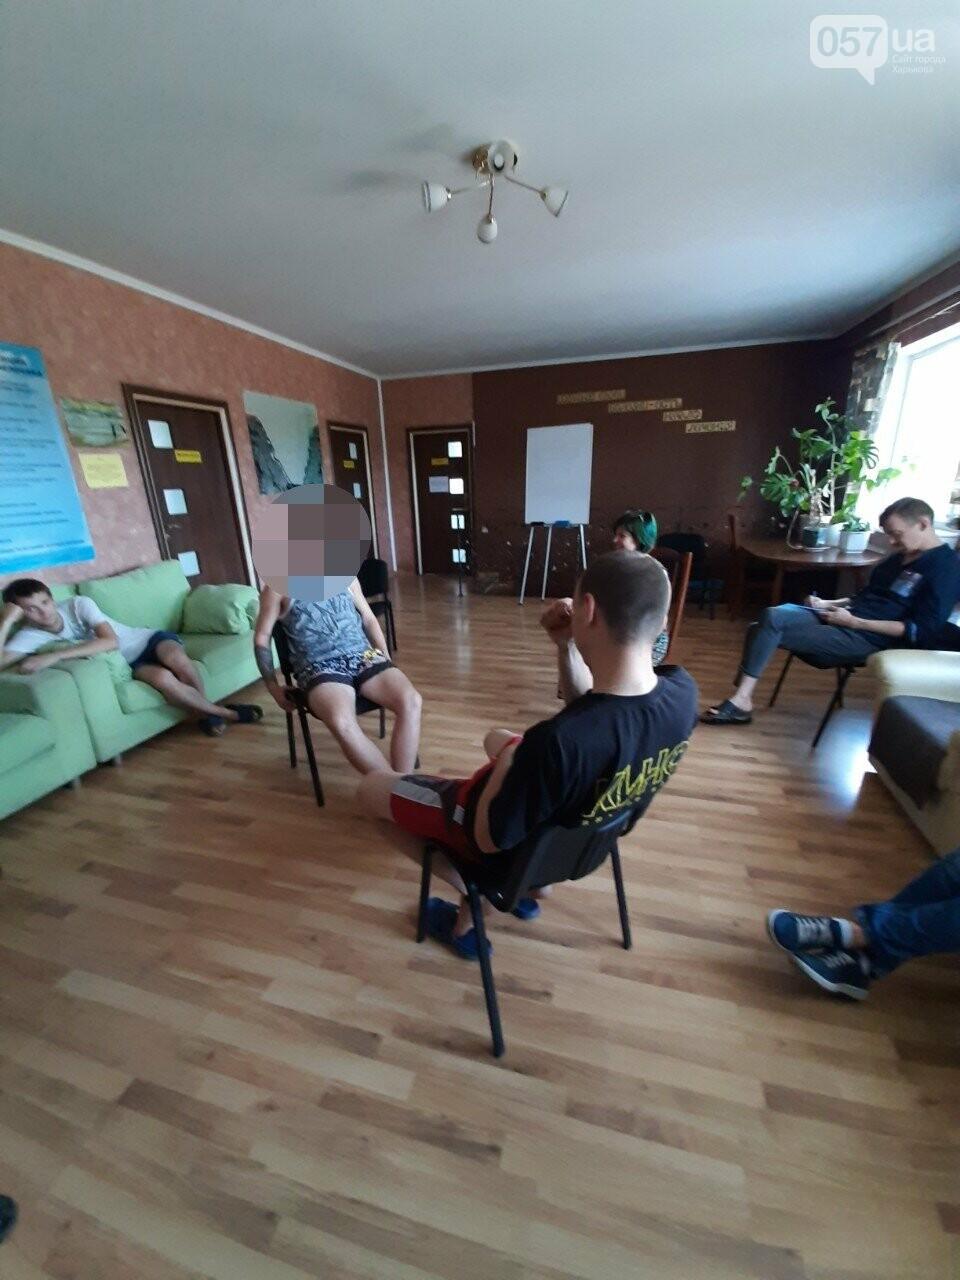 Реабилитационные центры в Харькове, лечение наркомании, лечение алкоголизма, фото-22